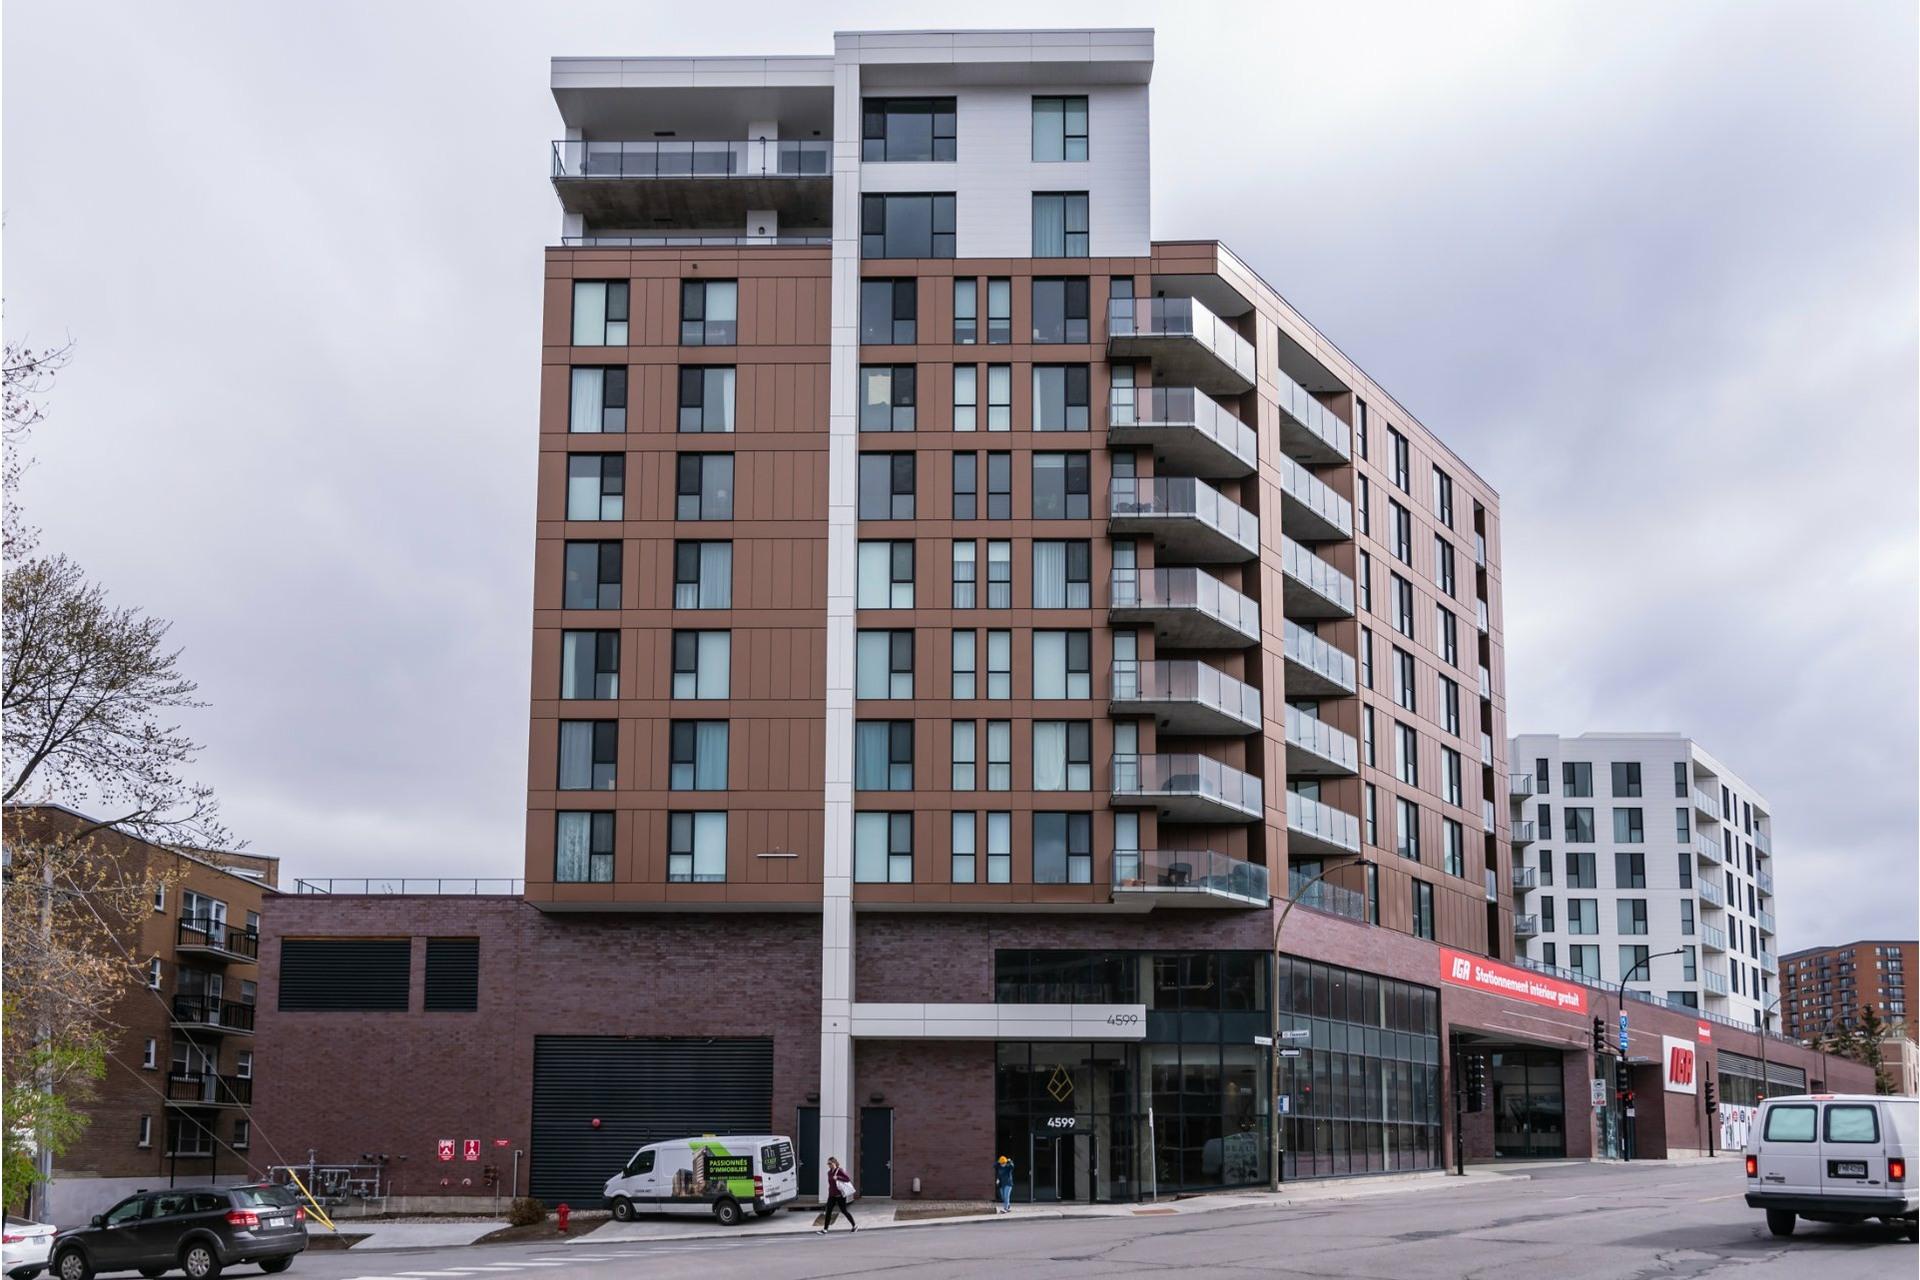 image 26 - Appartement À louer Côte-des-Neiges/Notre-Dame-de-Grâce Montréal  - 6 pièces